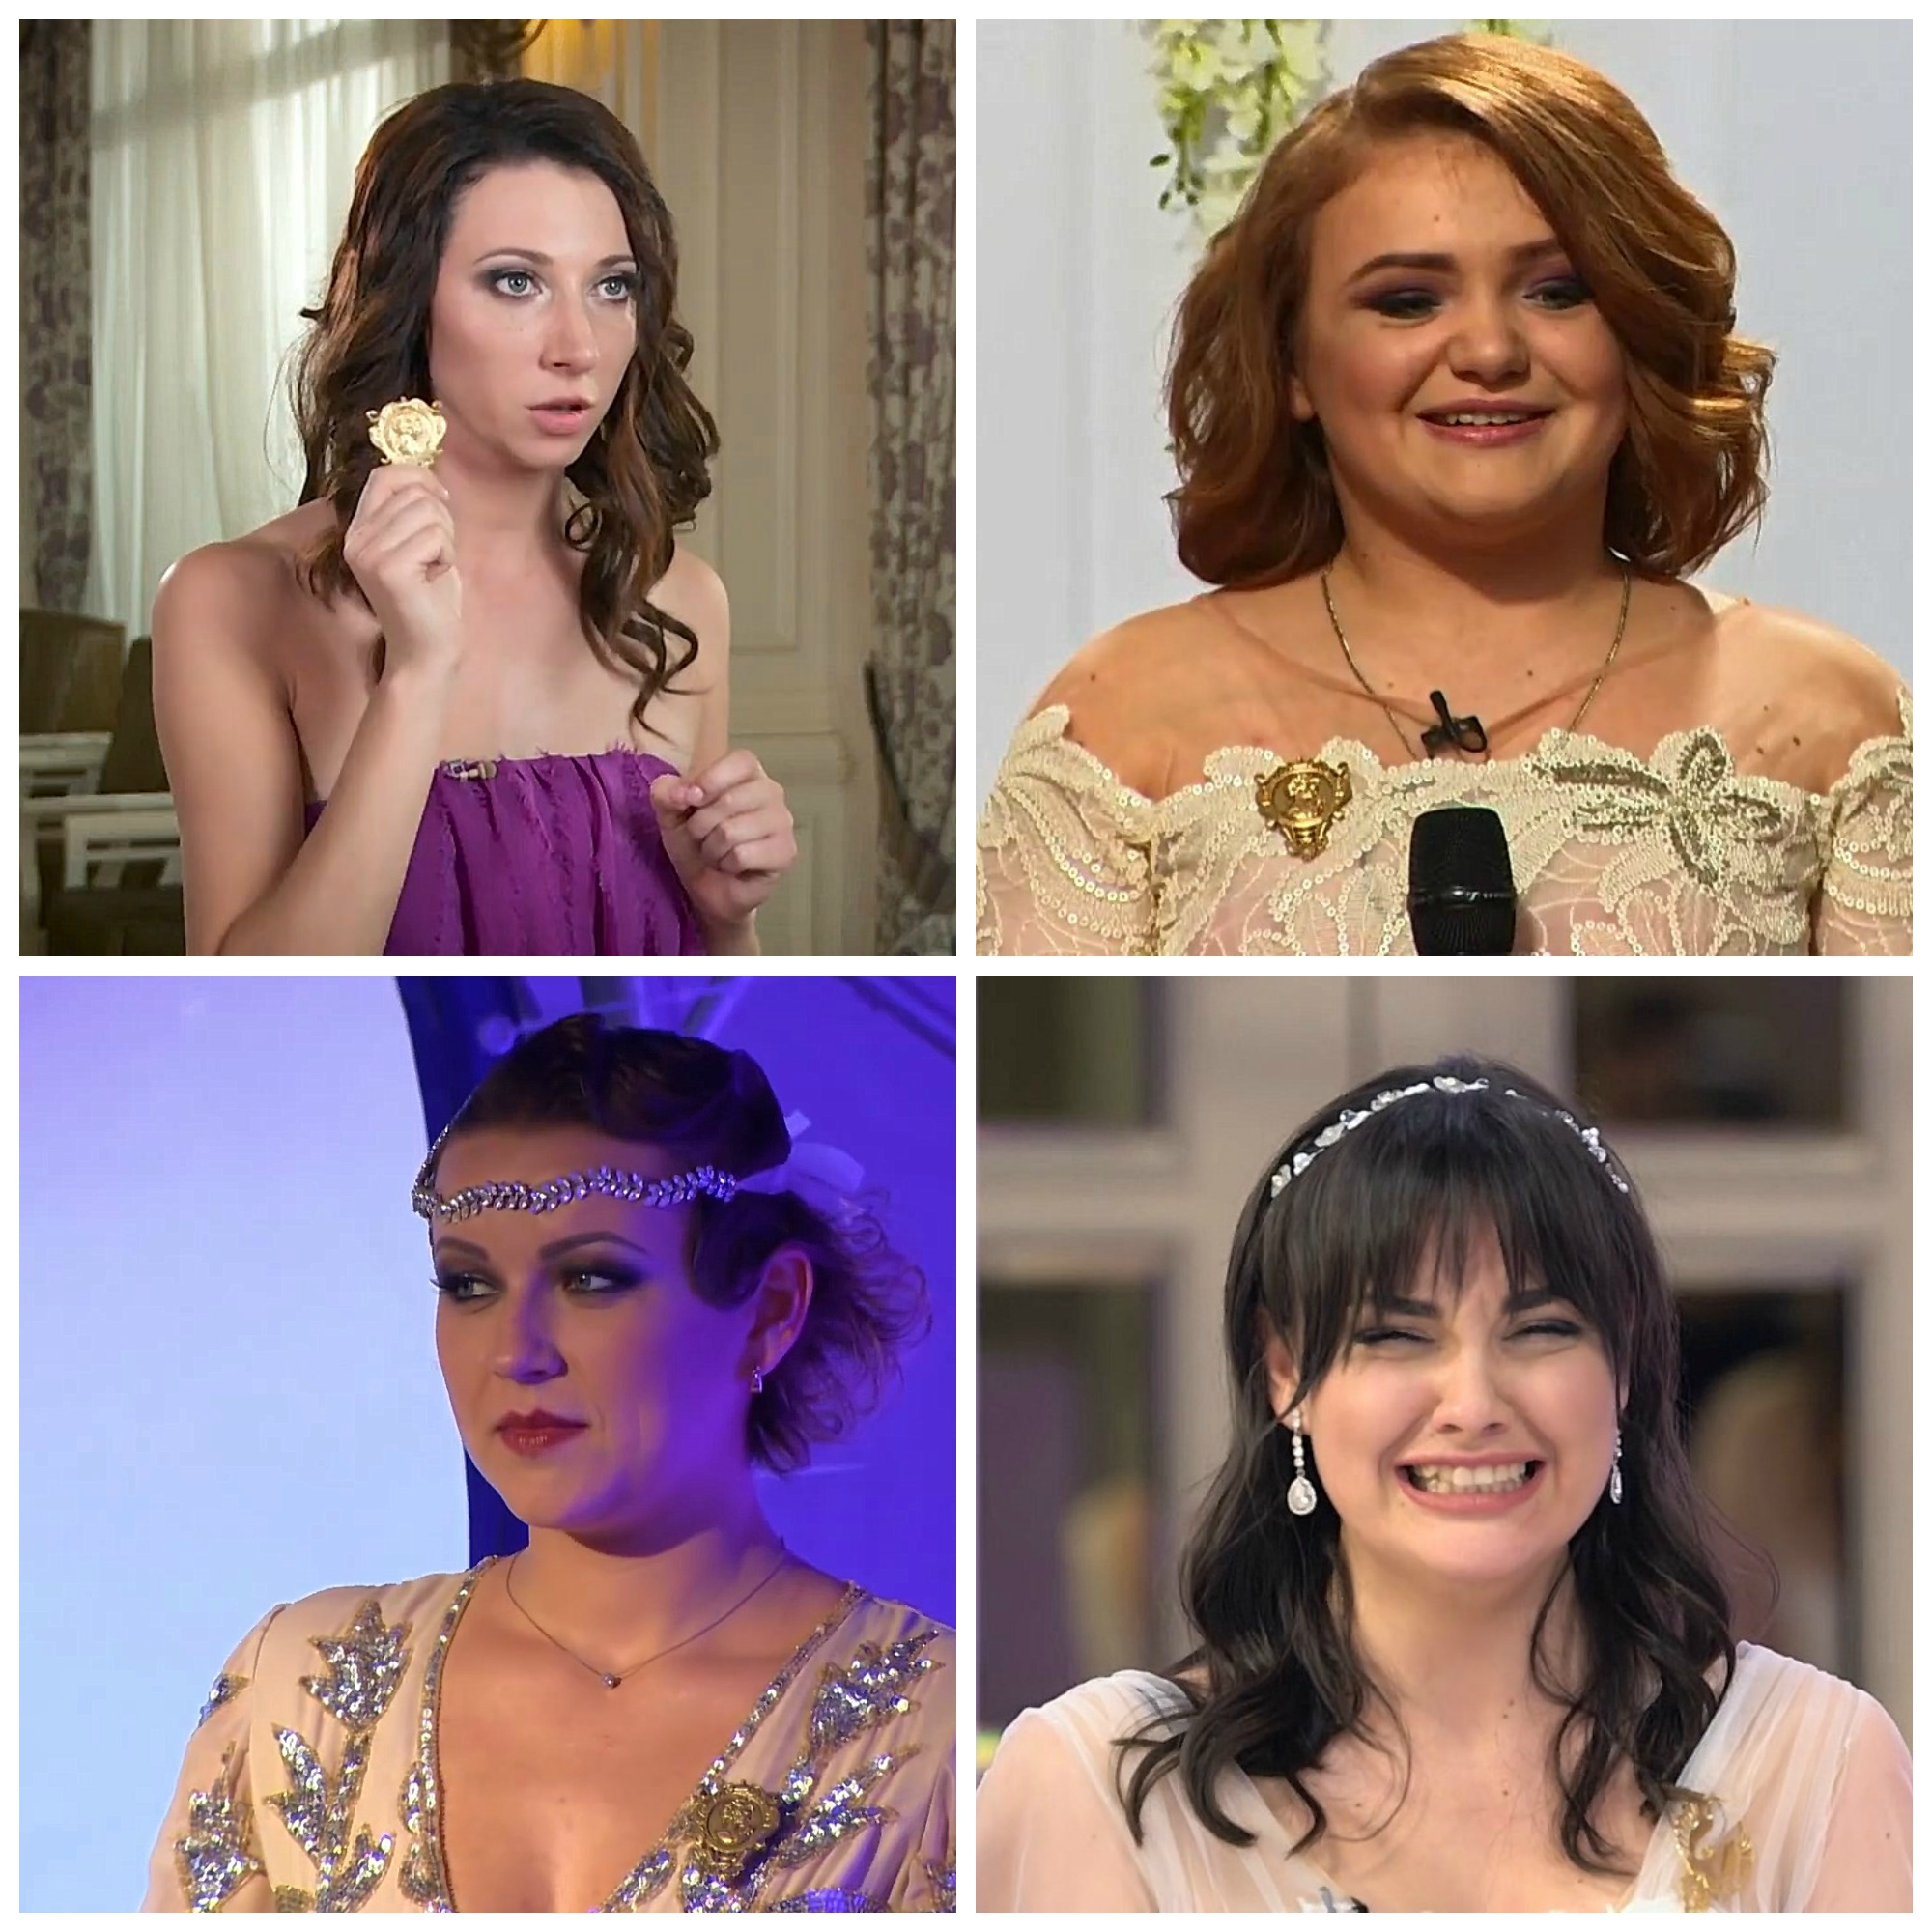 Вiд пацанки до панянки - победительницы всех сезонов фото с золотыми брошками